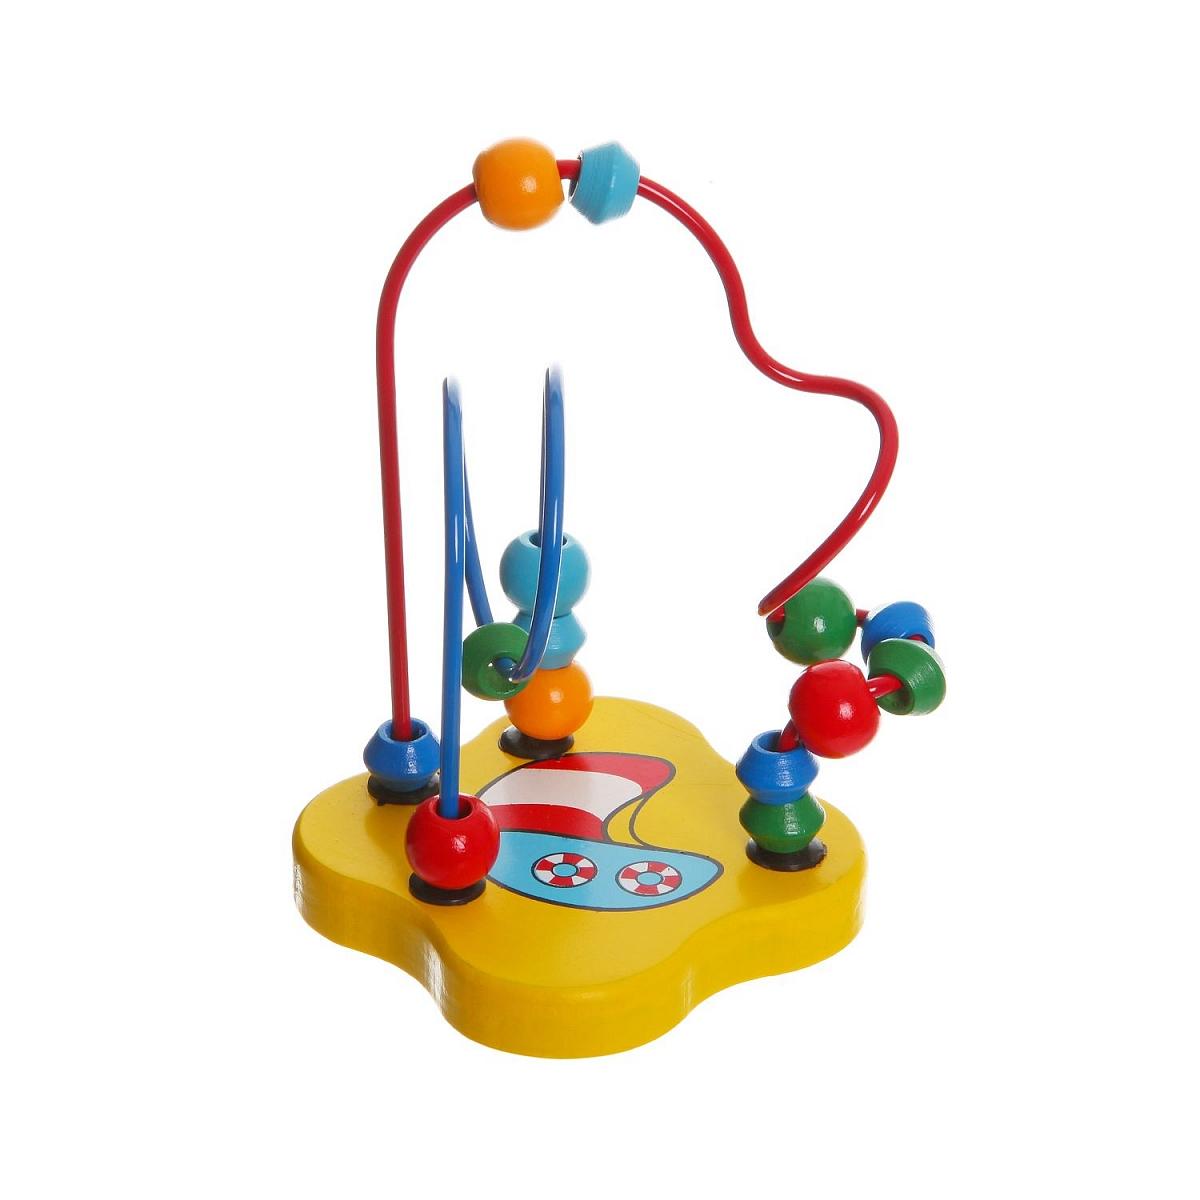 Развивающая игрушка Bondibon Разноцветный лабиринтВВ1089Развивающая игрушка Bondibon Разноцветный лабиринт, изготовленная из дерева и металла, привлечет внимание вашего малыша и не позволит ему скучать. Игрушка состоит из подставки, к которой крепятся две металлические проволоки. На каждую проволоку нанизаны маленькие деревянные элементы, которые можно передвигать по проволокам. Игрушки из дерева пользуются большой популярностью в последнее время. И тому есть свои причины. Относительная дешевизна, экологичность и приятный внешний вид, которыми обладают игрушки из дерева, выделяют их на фоне игрушек из других материалов. Дерево - это теплый натуральный материал, который приятно трогать, поэтому играть в игрушки из дерева не только интересно, но и полезно. Игрушка поможет развить логическое мышление, пространственное воображение и мелкую моторику.